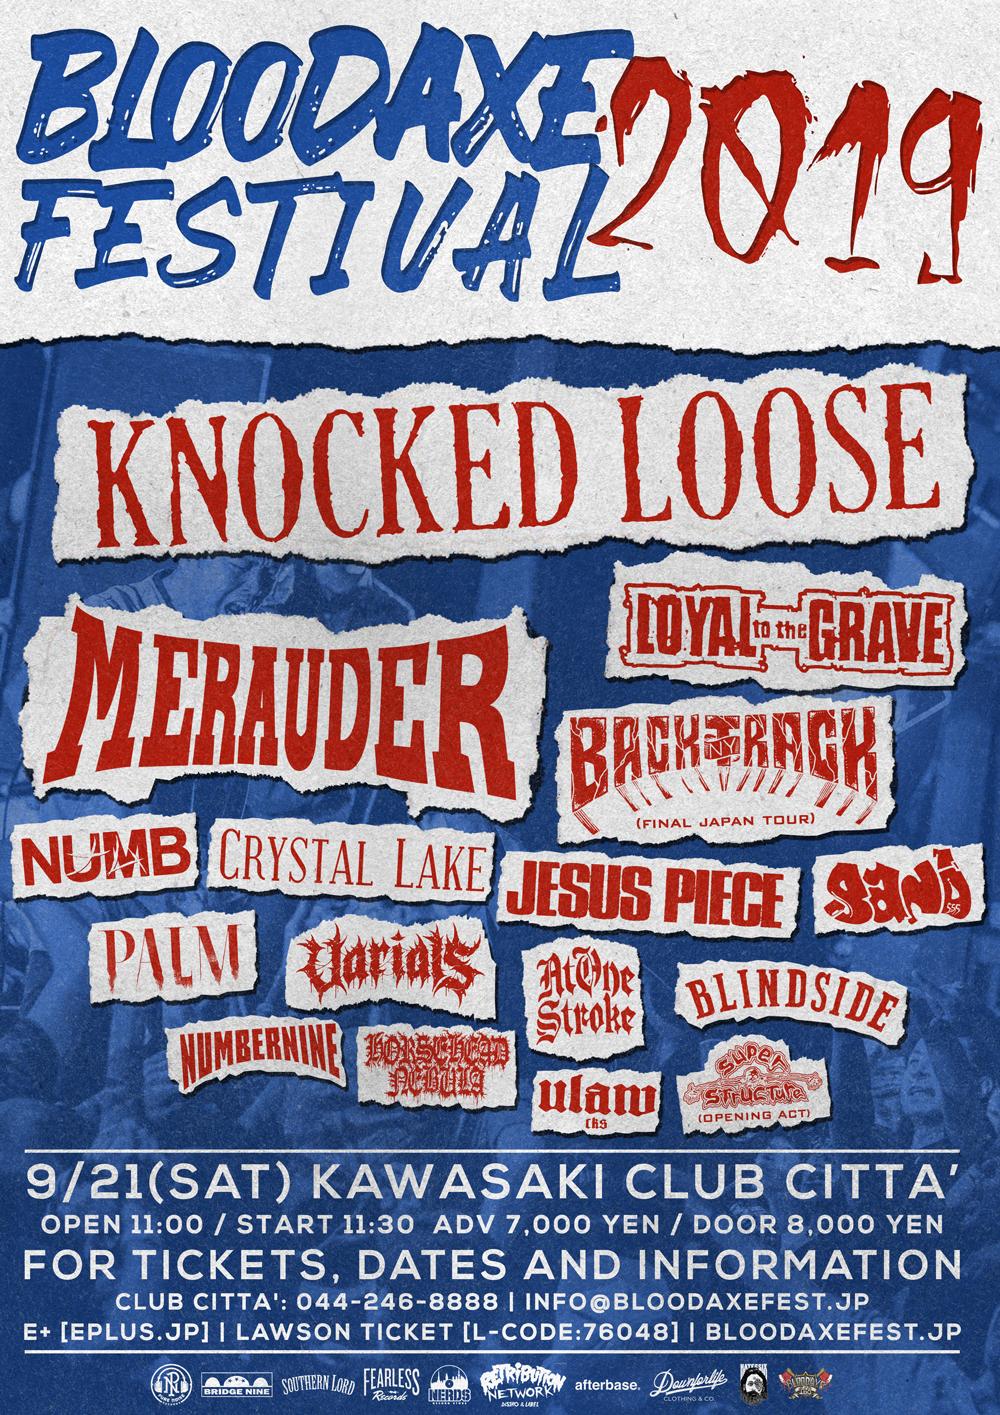 Bloodaxe fest 2019